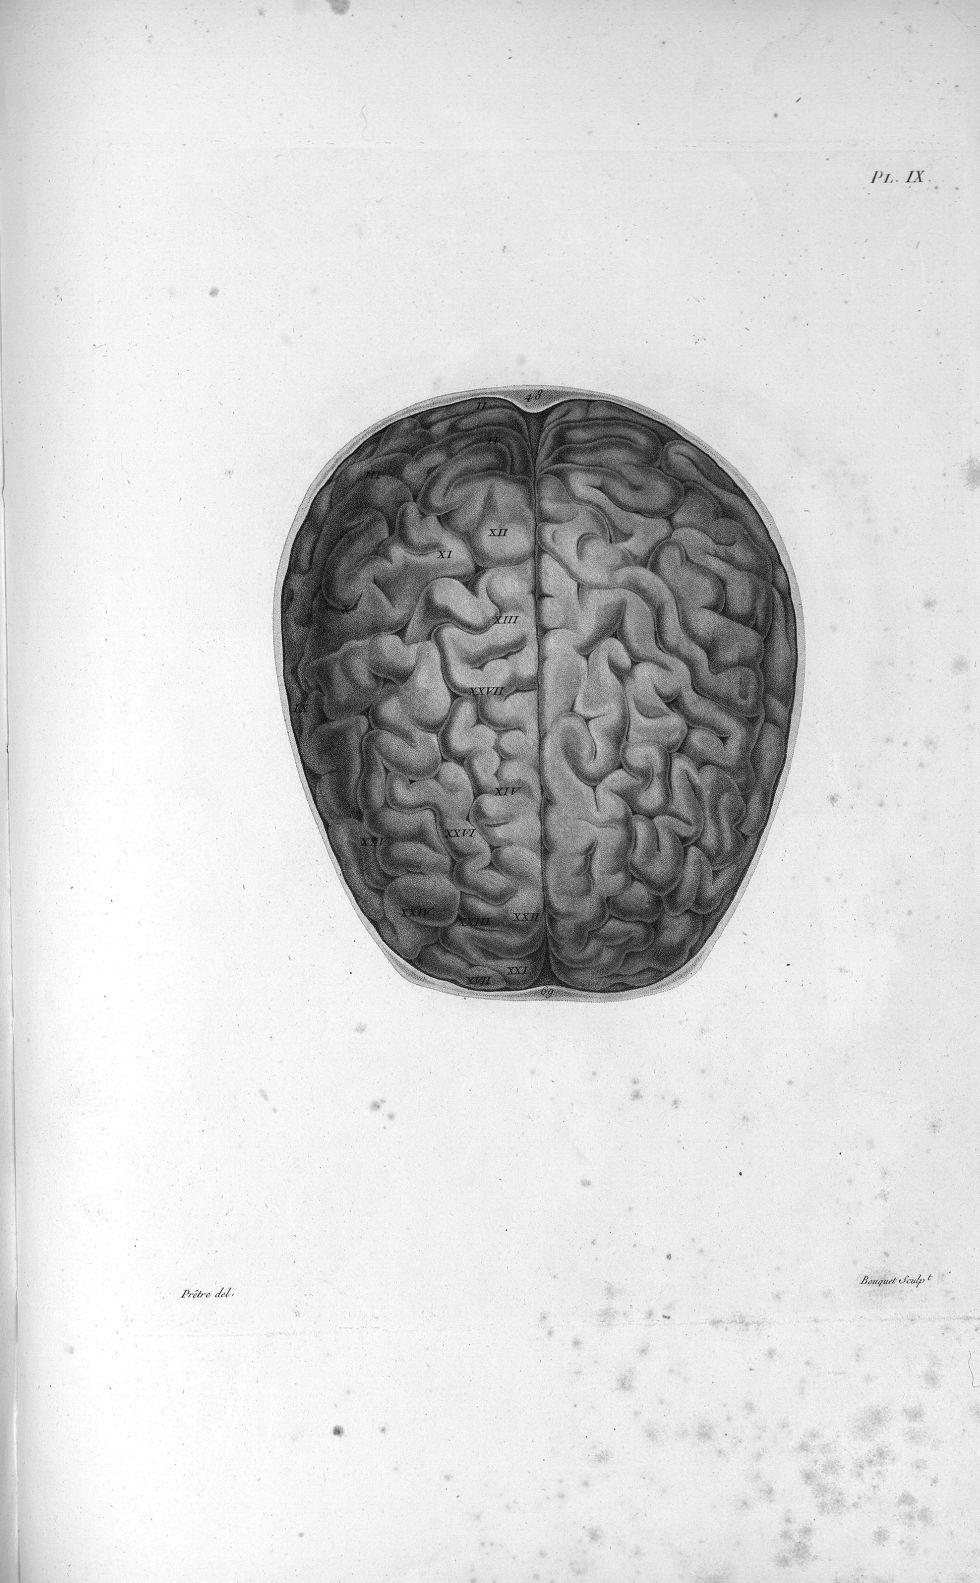 Pl. IX. Crâne scié horizontalement au-dessus des sourcils (cerveau d'homme) - Anatomie et physiologi [...] - Anatomie. Neurologie. Cerveaux, crânes (têtes). 19e siècle (France) - med00575x01x0321